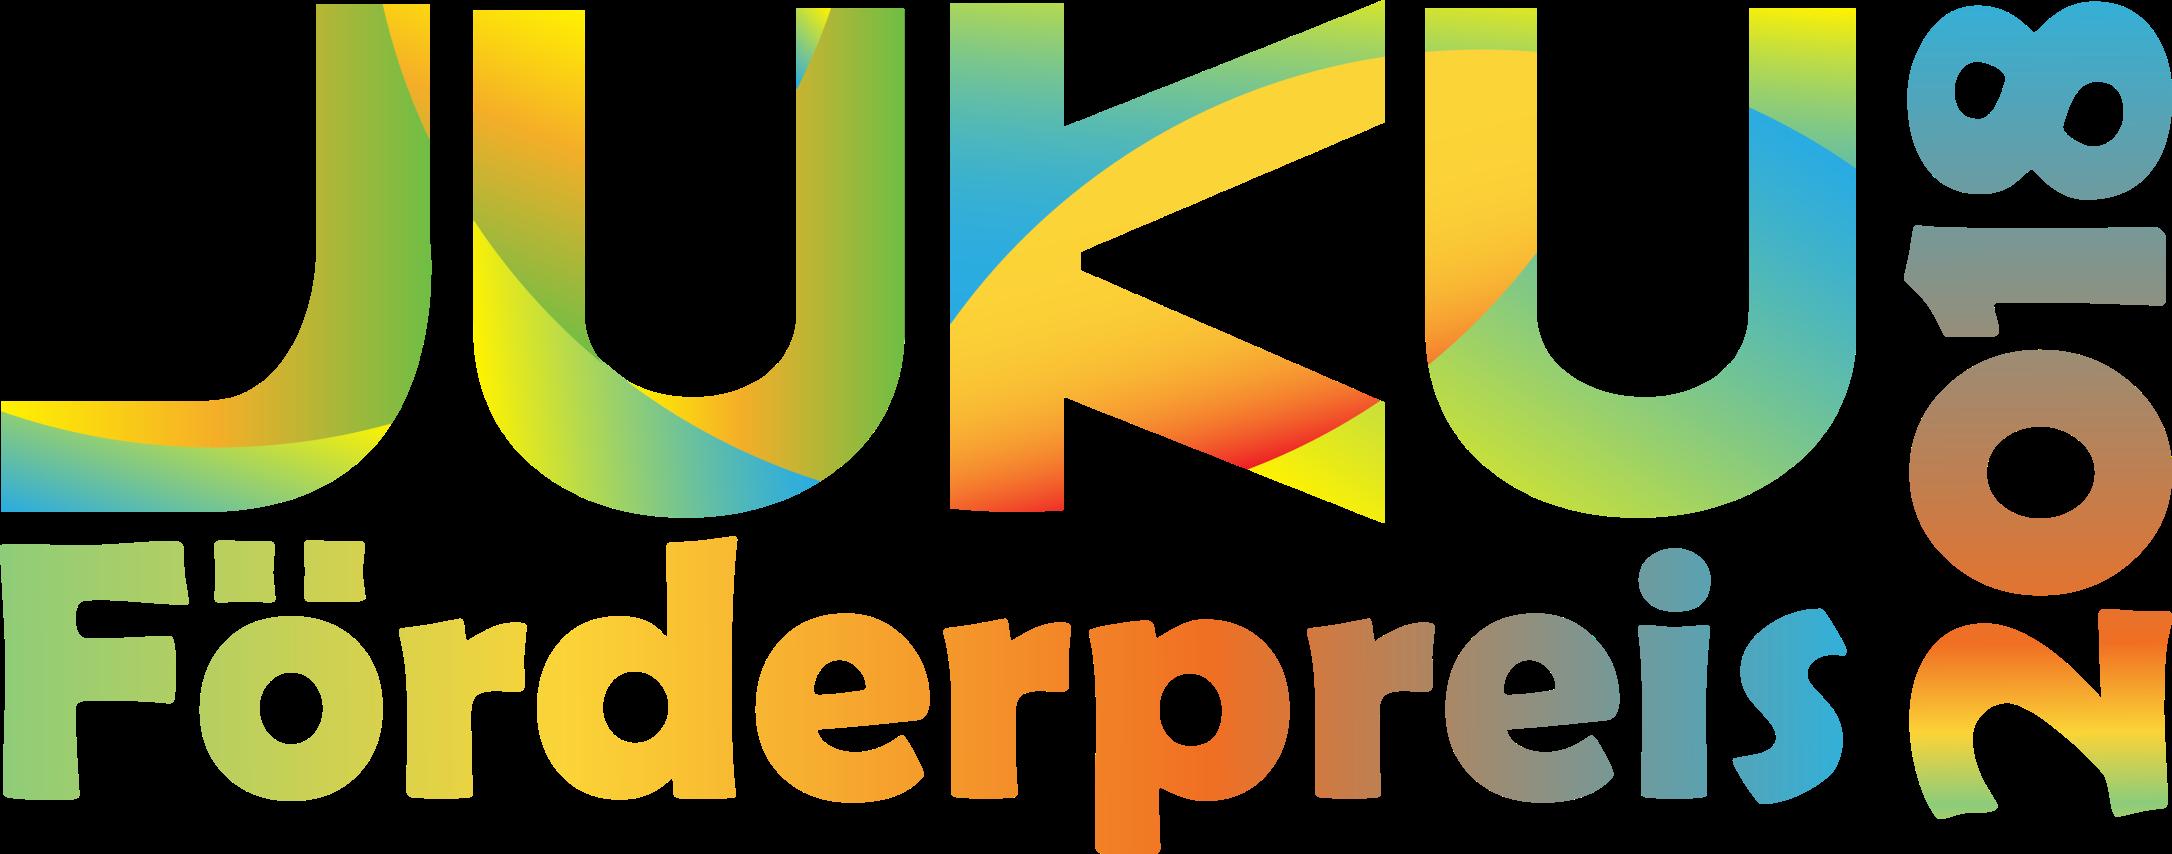 Logo Frderpreis2018